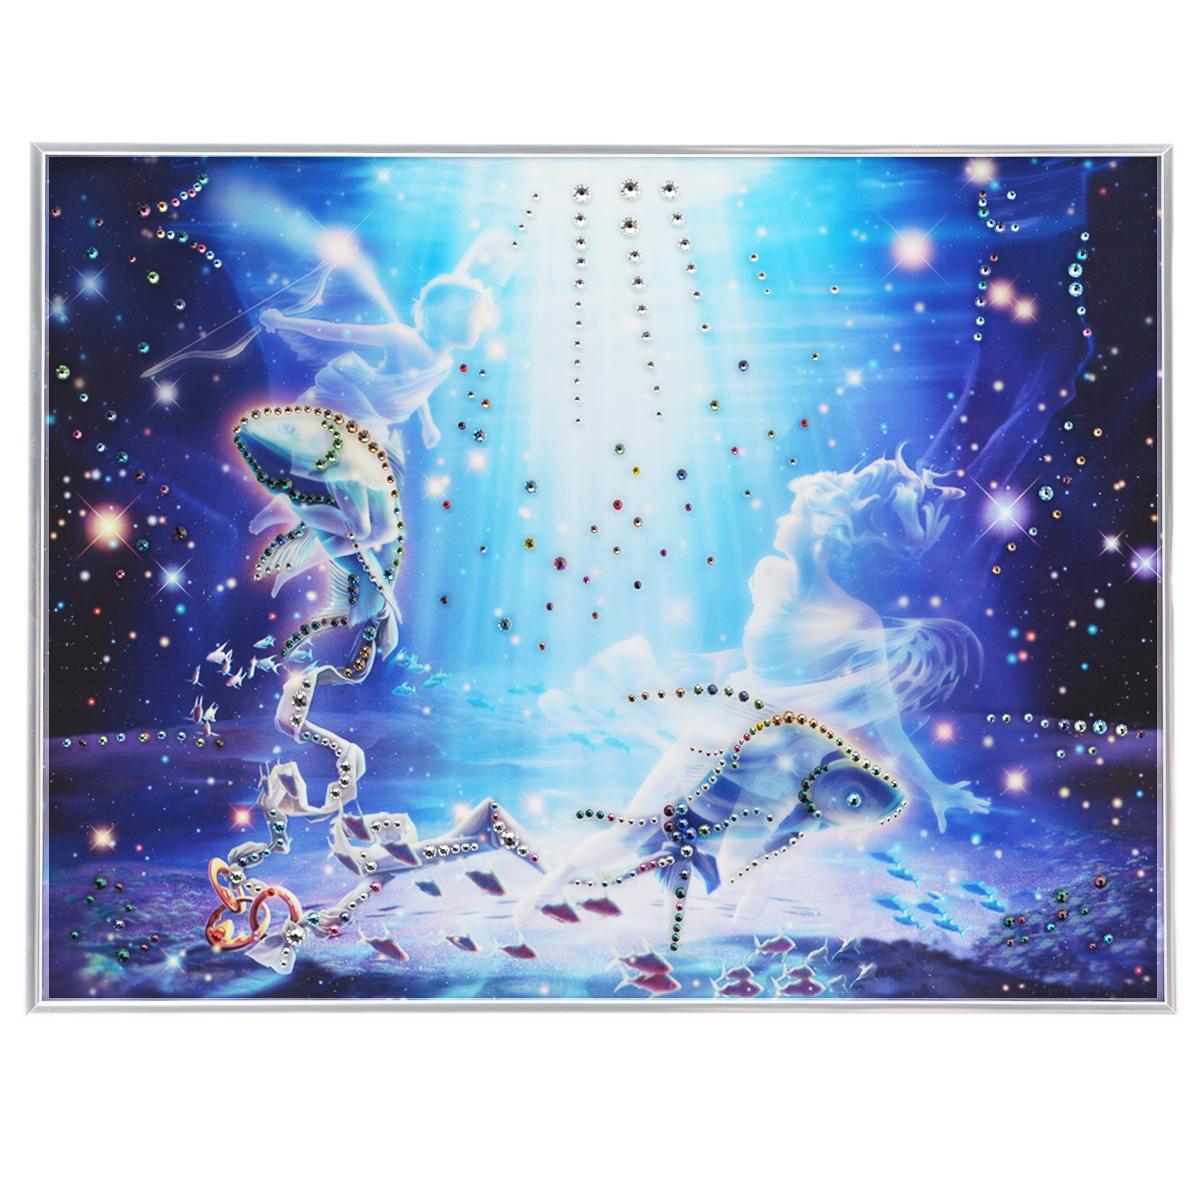 Картина с кристаллами Swarovski Знак зодиака. Рыбы Кагая, 40 см х 30 см879460Изящная картина в металлической раме, инкрустирована кристаллами Swarovski, которые отличаются четкой и ровной огранкой, ярким блеском и чистотой цвета. Красочное изображение знака зодиака - рыбы Кагая, расположенное под стеклом, прекрасно дополняет блеск кристаллов. С обратной стороны имеется металлическая петелька для размещения картины на стене. Картина с кристаллами Swarovski Знак зодиака. Рыбы Кагая элегантно украсит интерьер дома или офиса, а также станет прекрасным подарком, который обязательно понравится получателю. Блеск кристаллов в интерьере, что может быть сказочнее и удивительнее. Картина упакована в подарочную картонную коробку синего цвета и комплектуется сертификатом соответствия Swarovski.